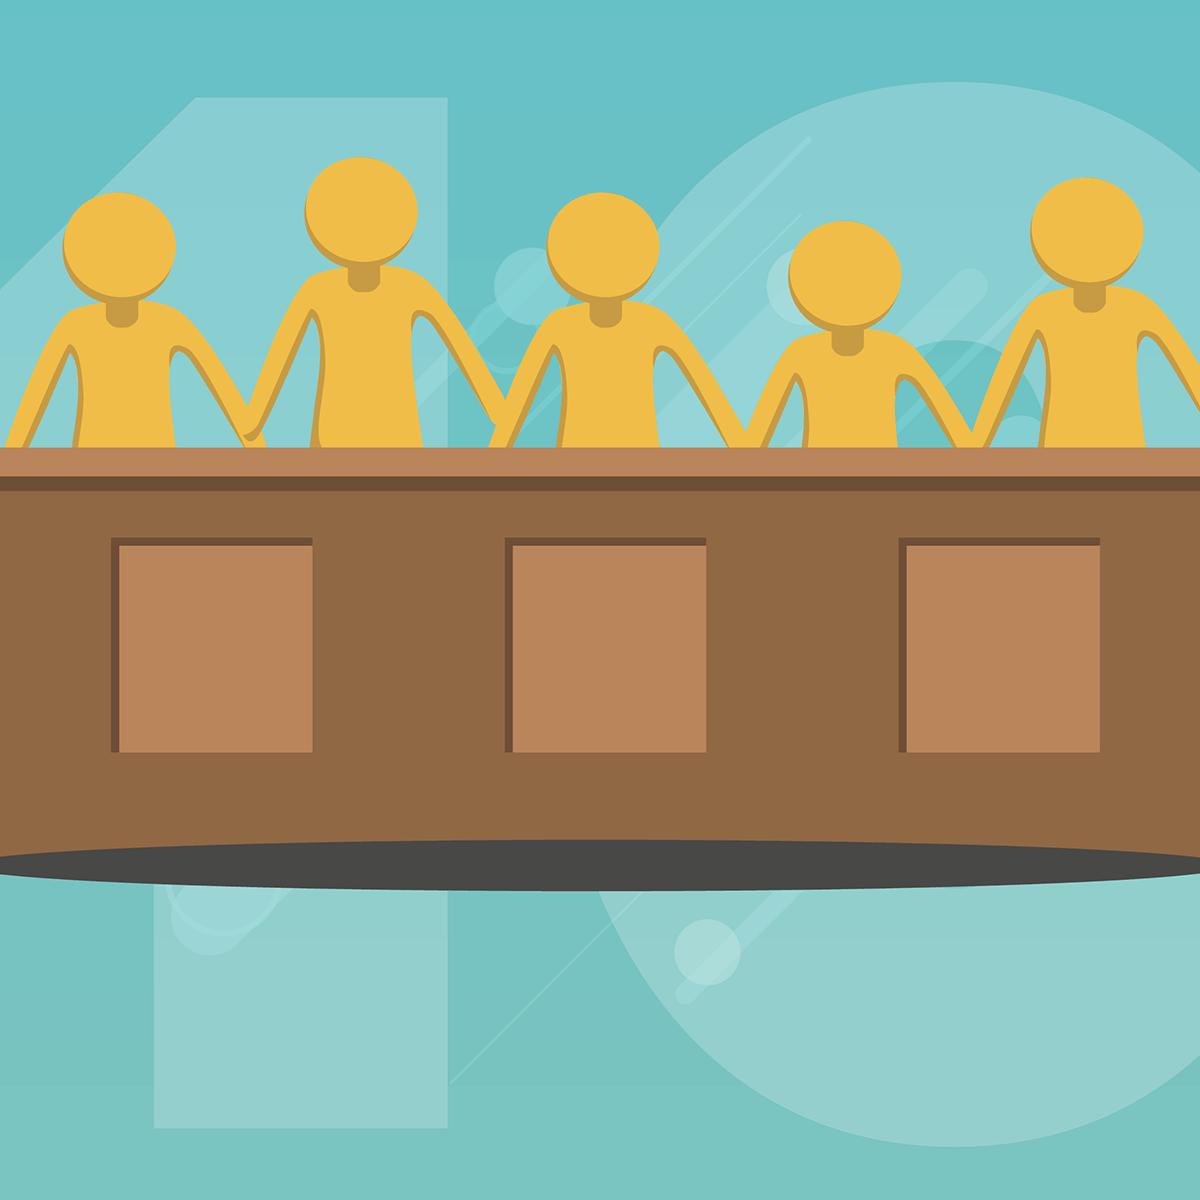 Derecho a una audiencia pública y justa